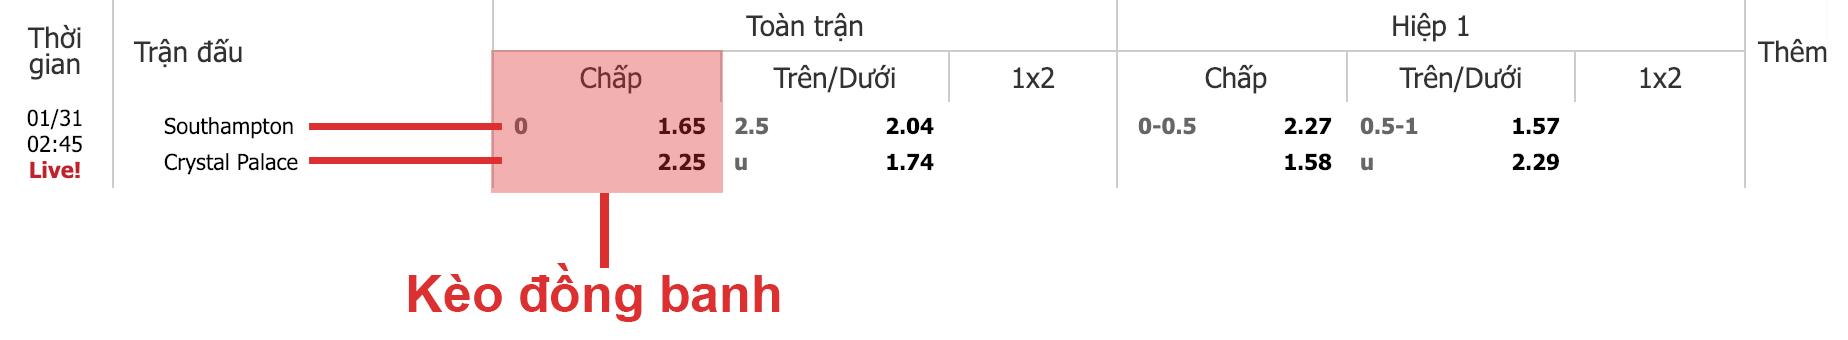 Tỷ lệ kèo đồng banh